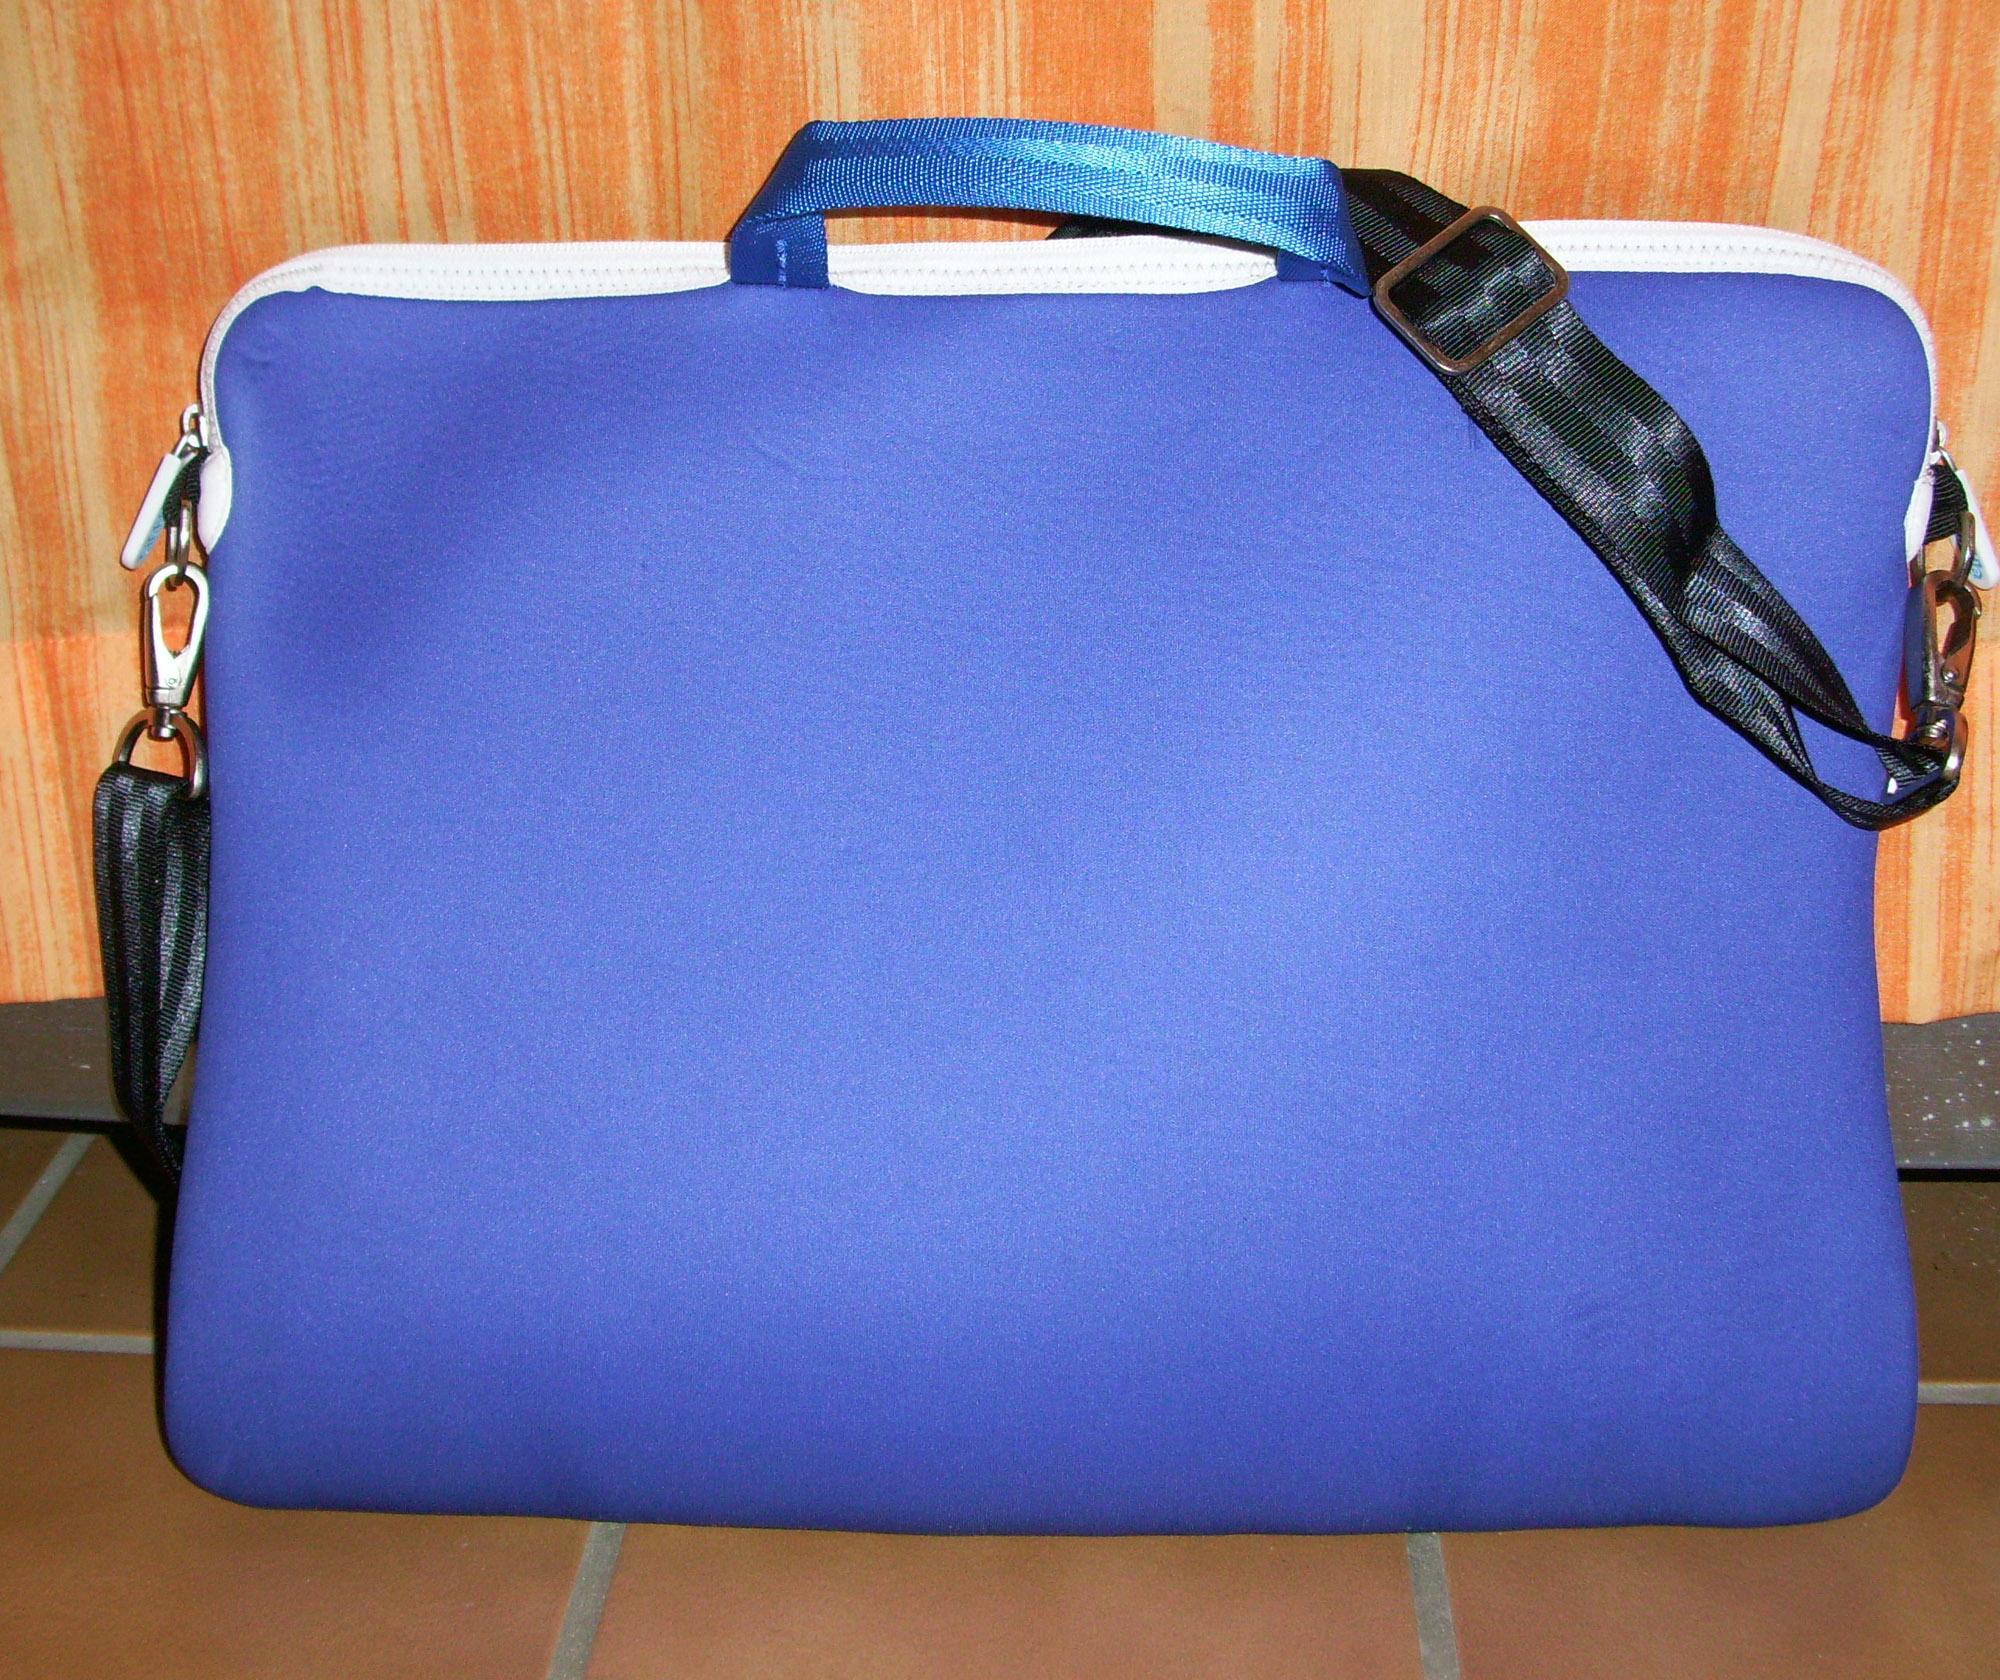 neue Laptoptasche von caseable mit eigenem Motiv